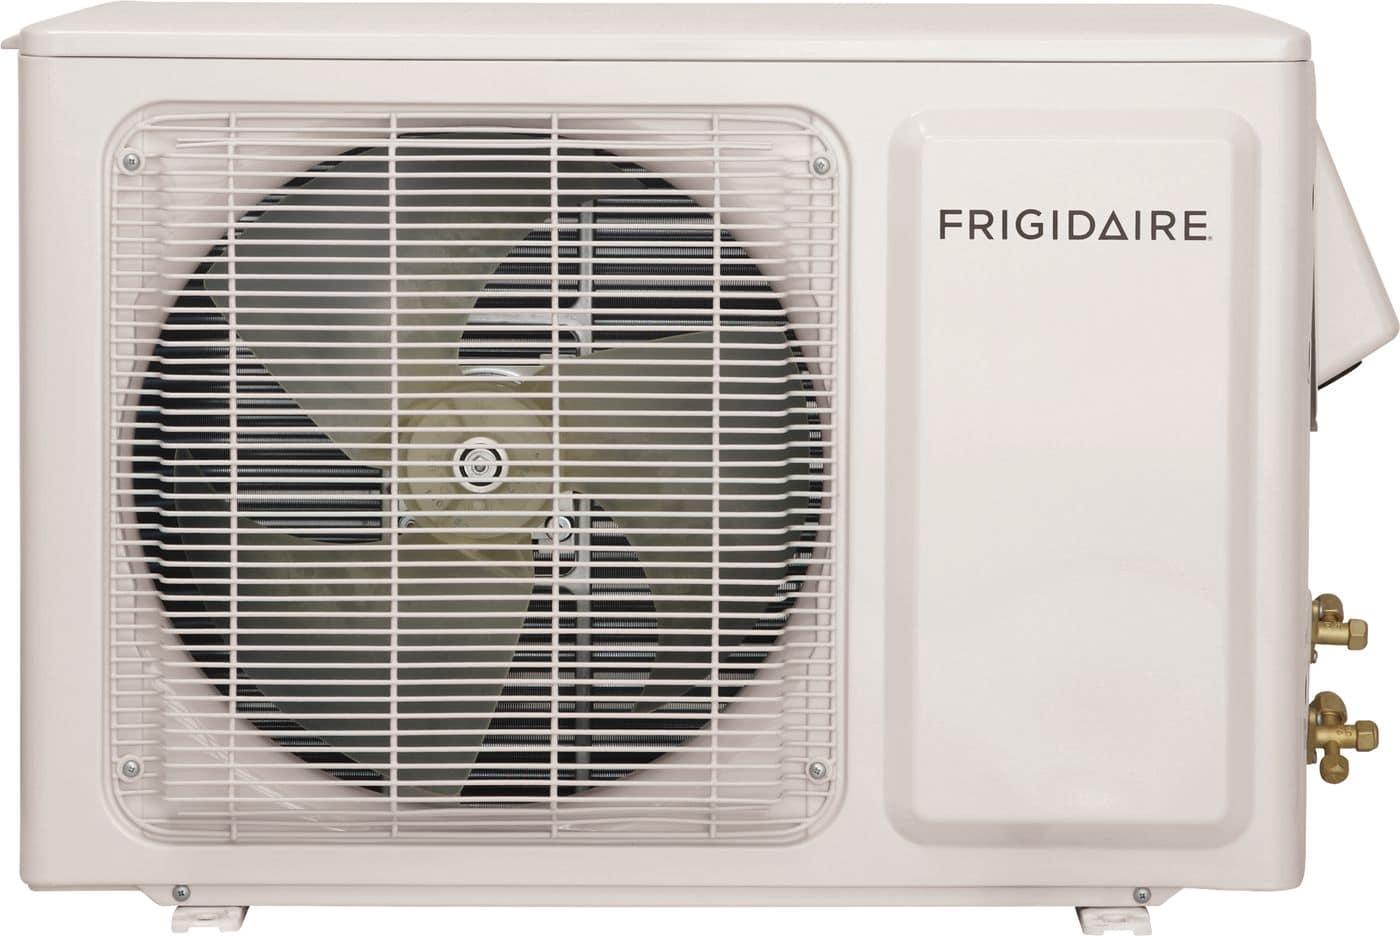 Frigidaire Ductless Split Air Conditioner with Heat Pump, 22,000btu 208/230volt